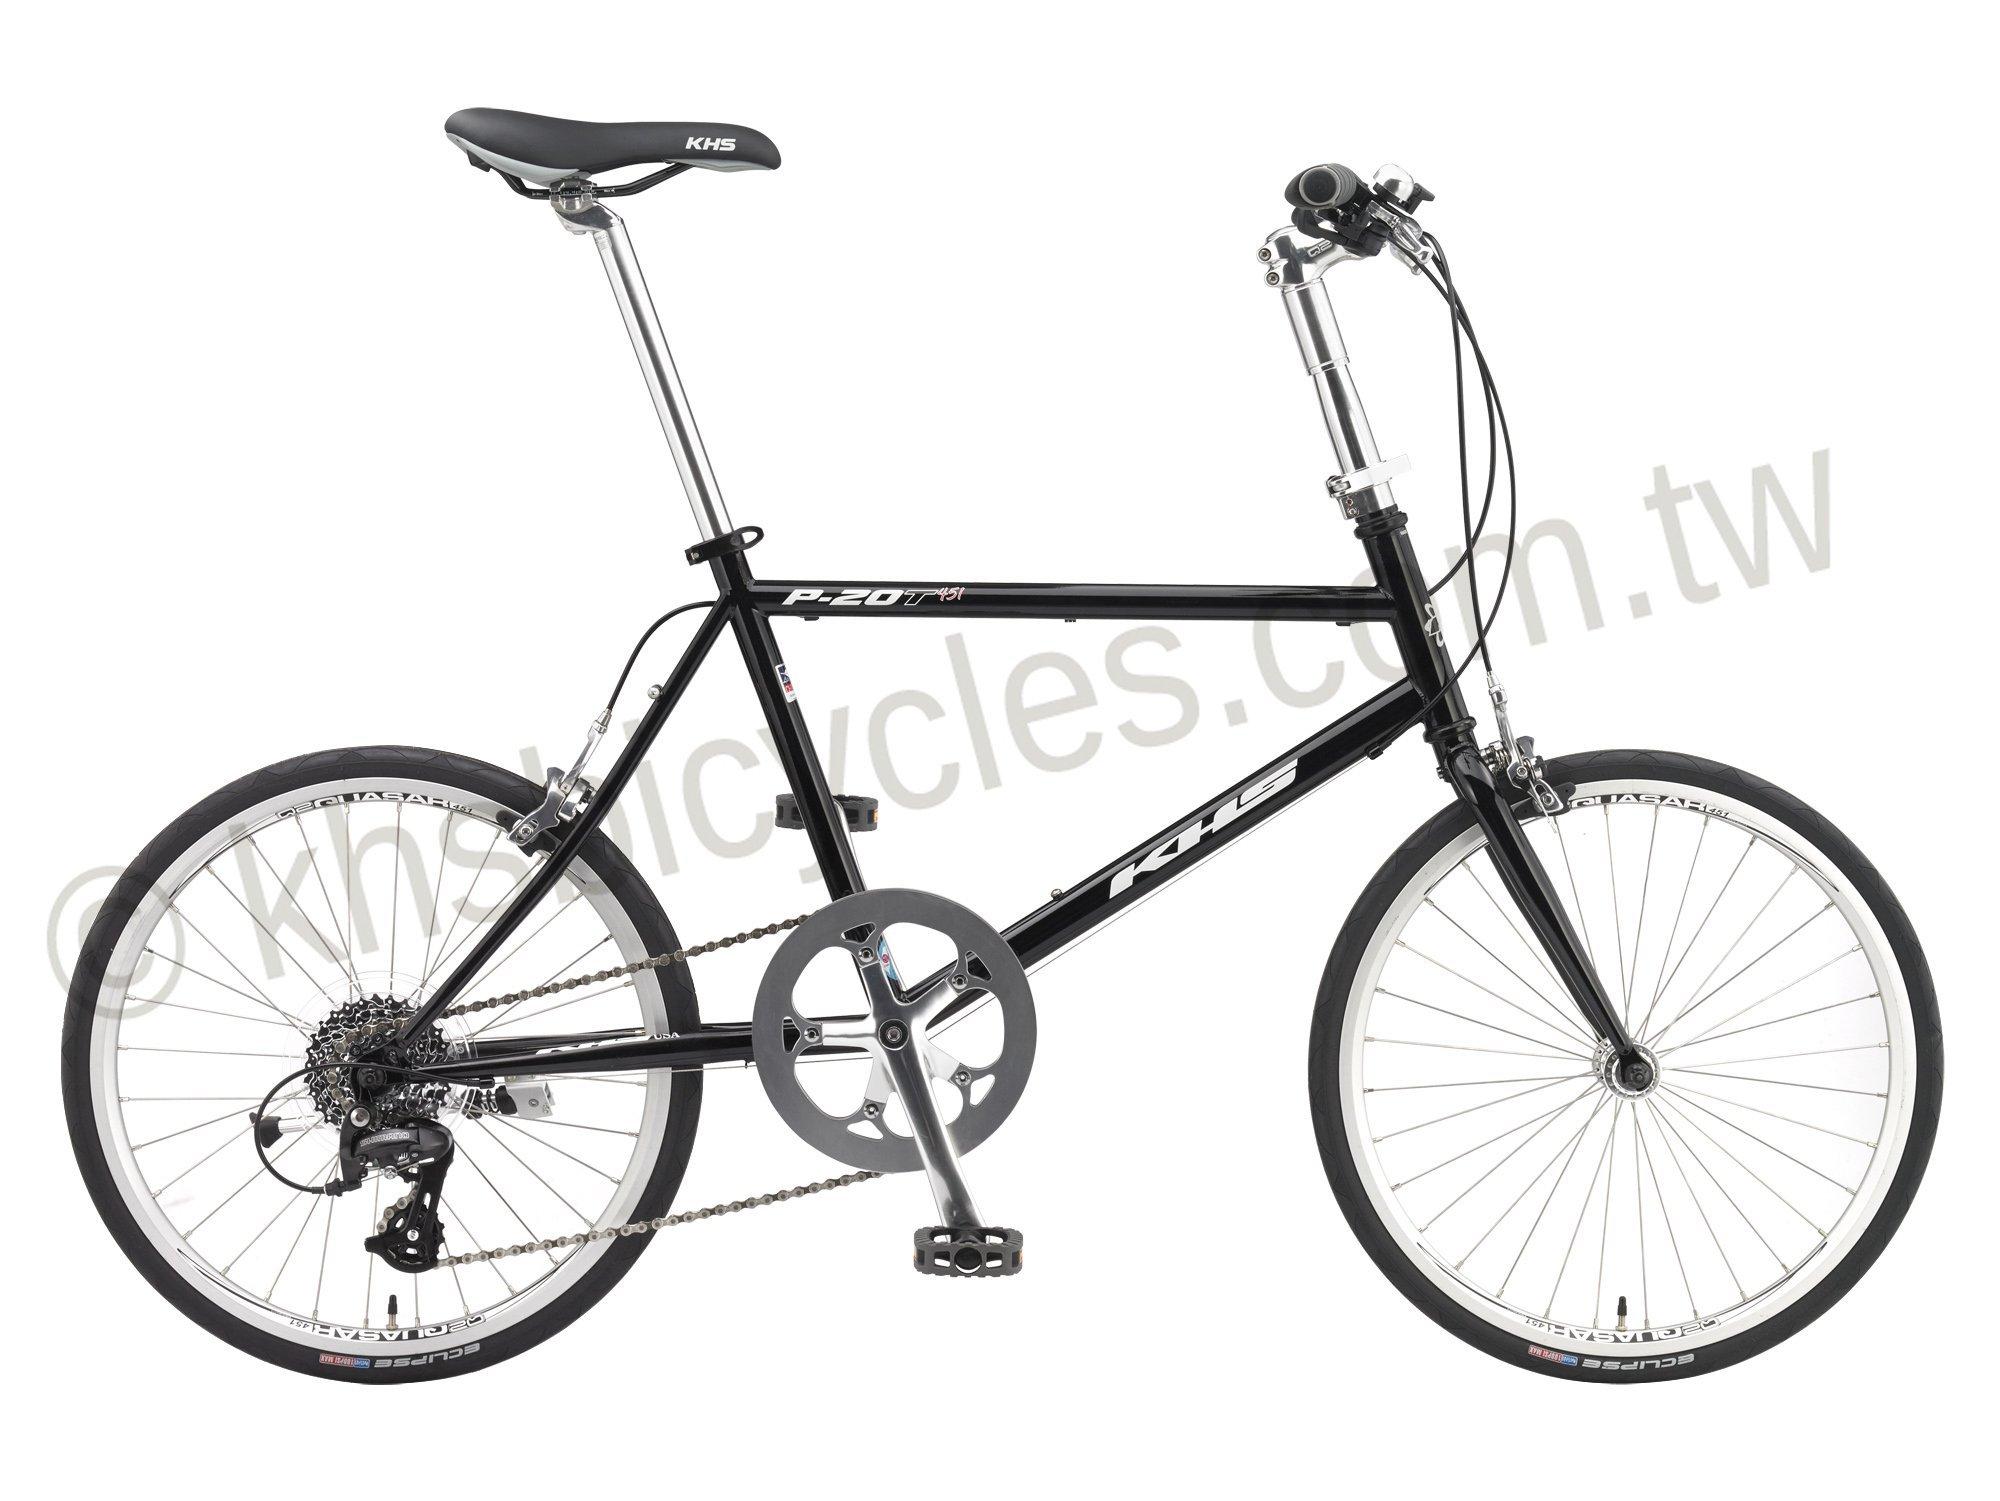 (J.J.Bike) KHS 功學社 P20-T451 P20T451小径車 城市車 城市小遊龍 非 406 GIANT